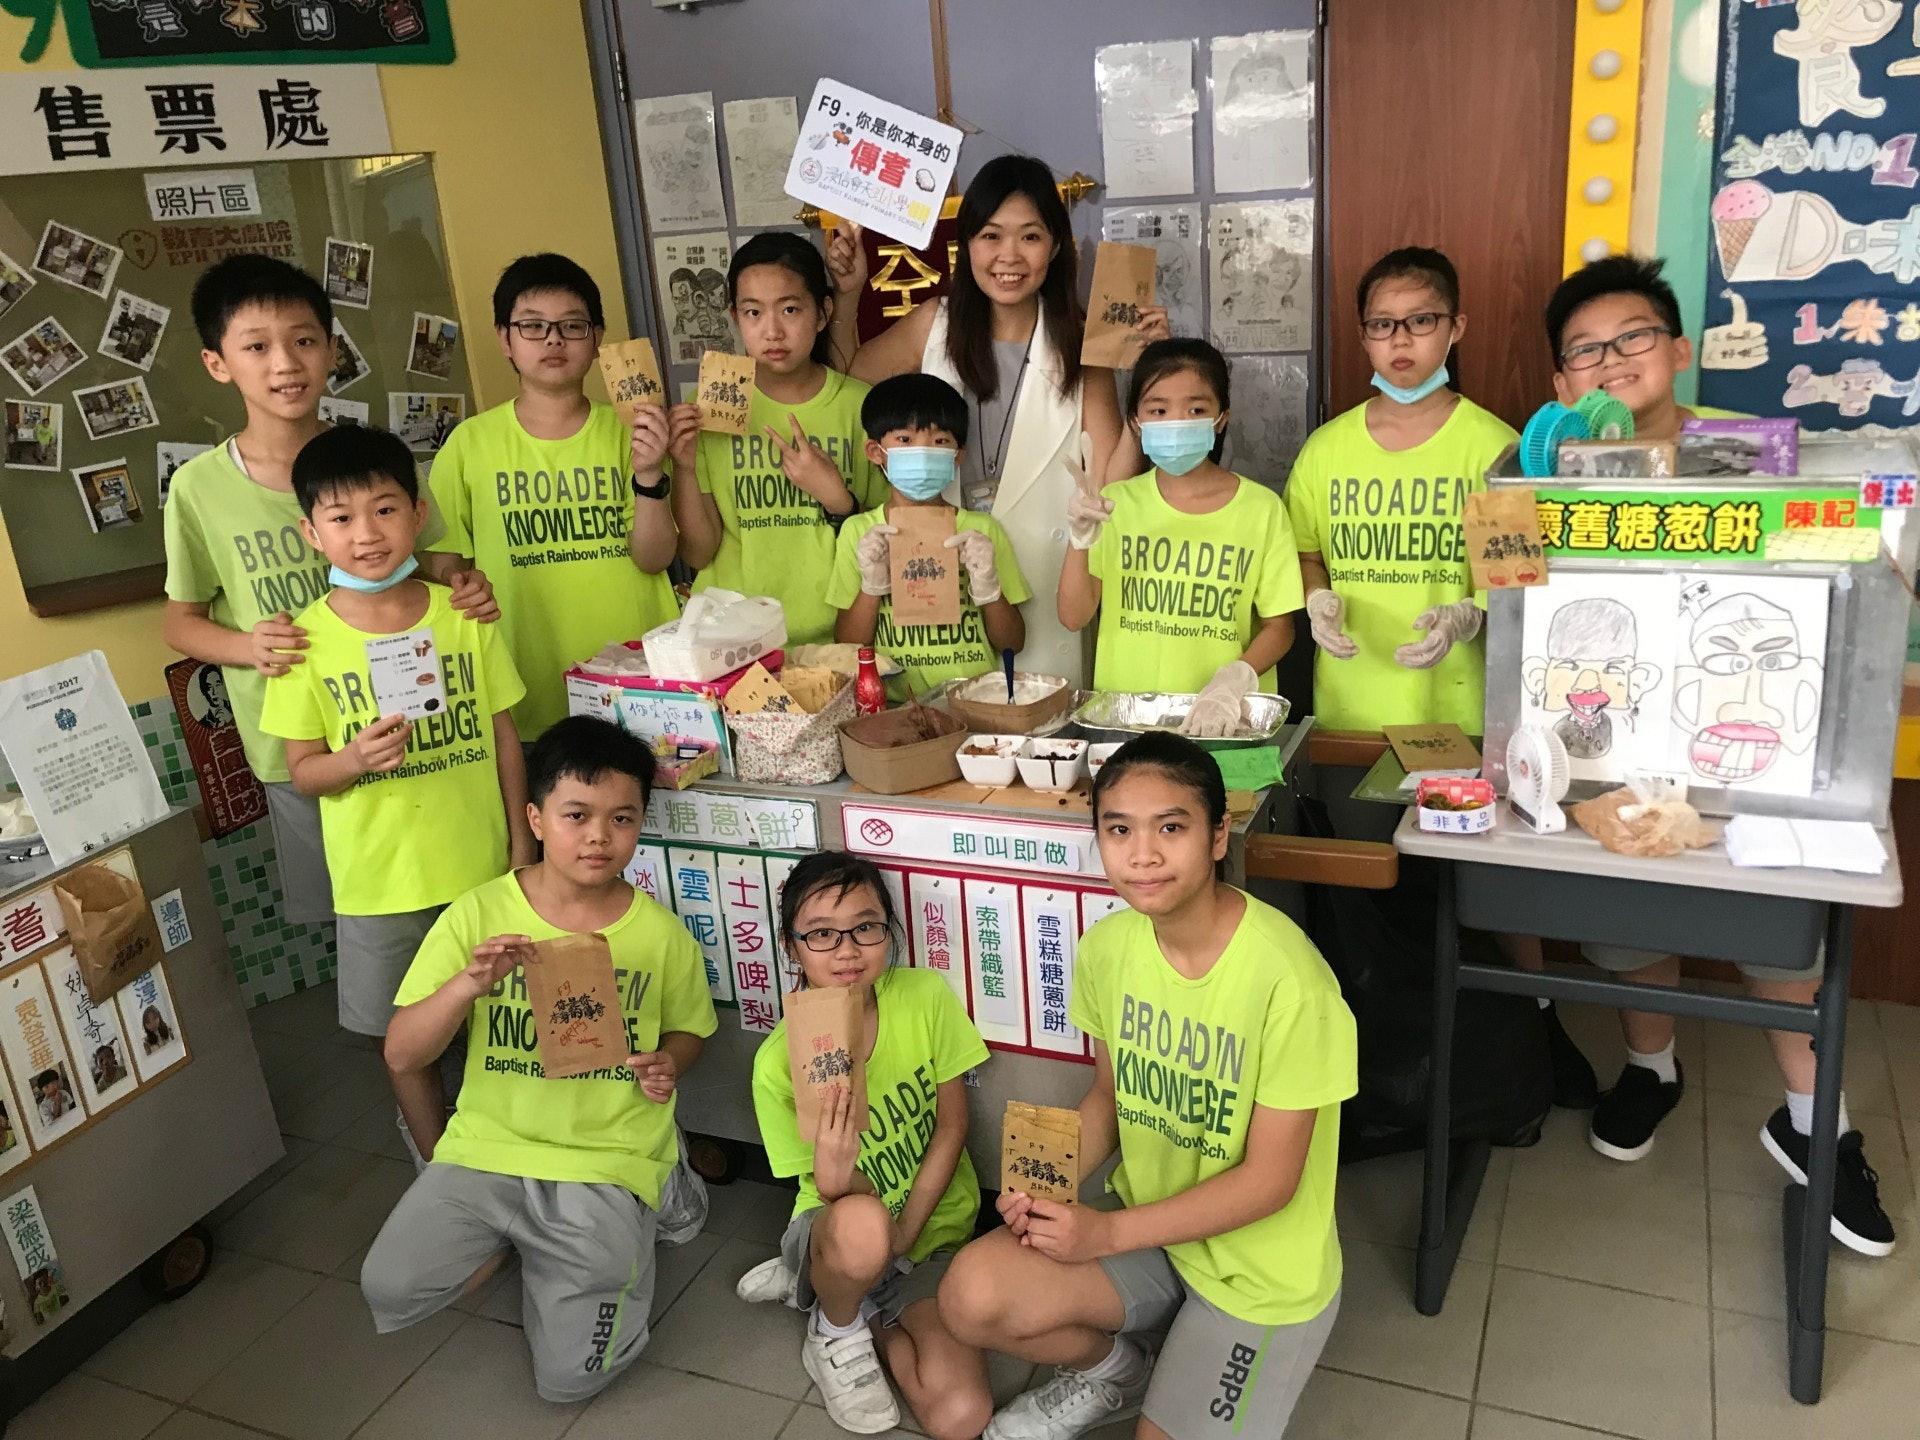 有學生希望能保存傳統手藝及傳統,一起嘗試自製膠片畫、集體學製糖蔥餅等。(鄧穎琳攝)